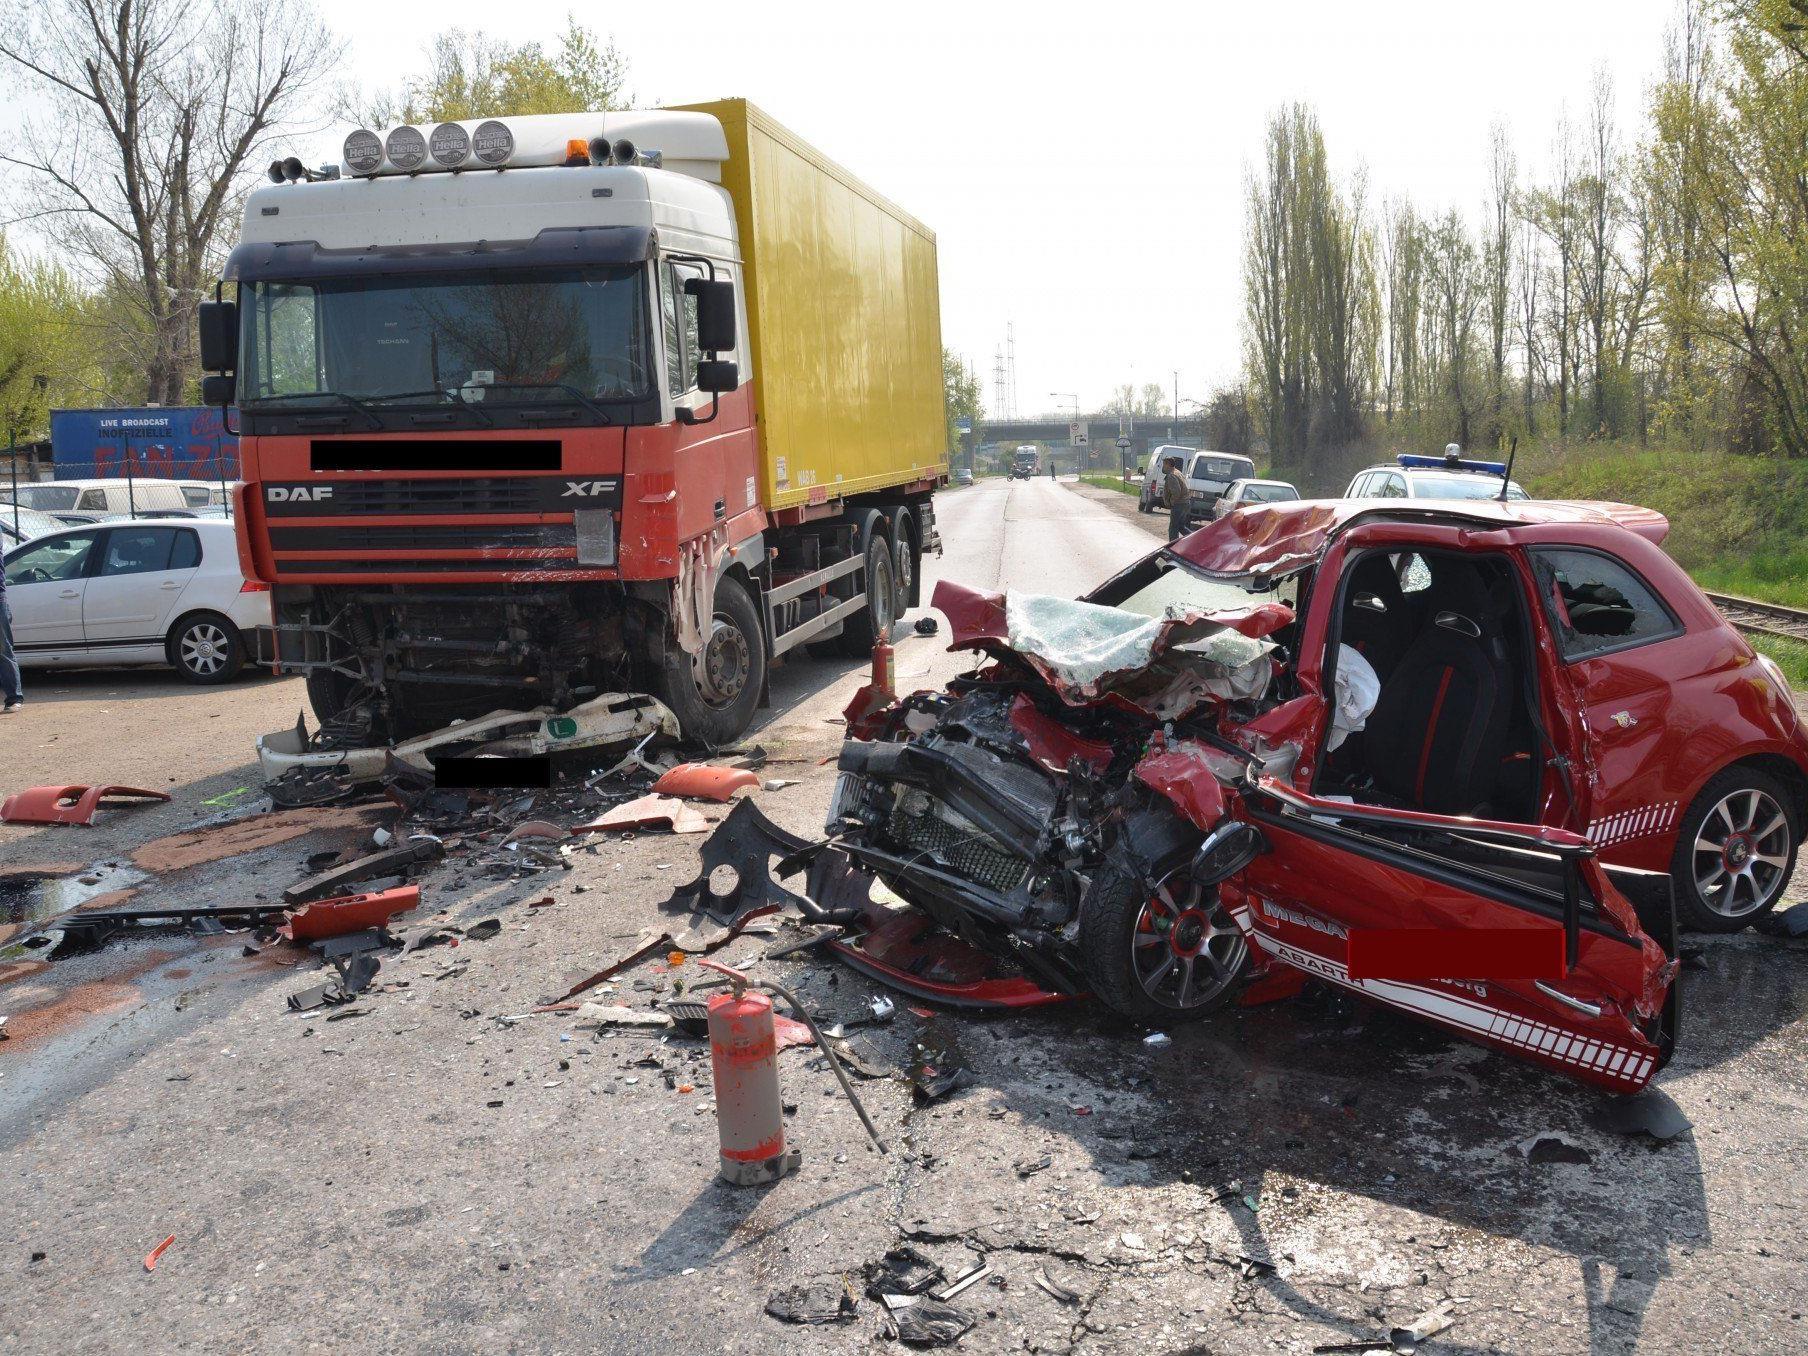 70-Jähriger stirbt bei Verkehrsunfall in Wien-Simmering, 29-jährige Tochter überlebt schwer verletzt